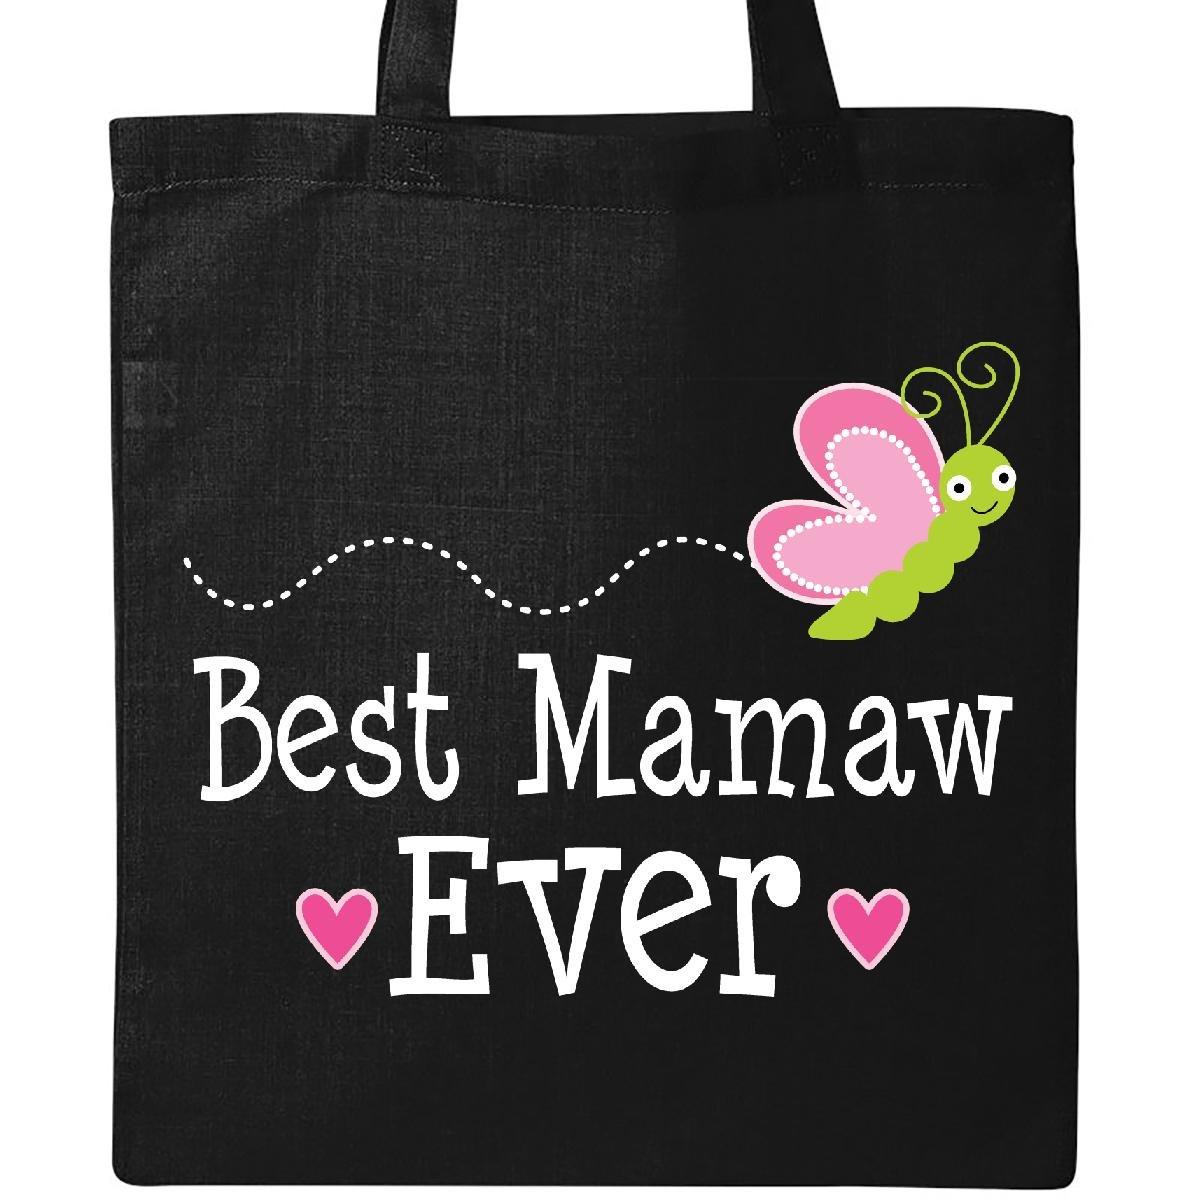 Inktastic Best Mamaw Everおばあちゃんギフトトートバッグ One Size ブラック B01MUYI98L ブラック